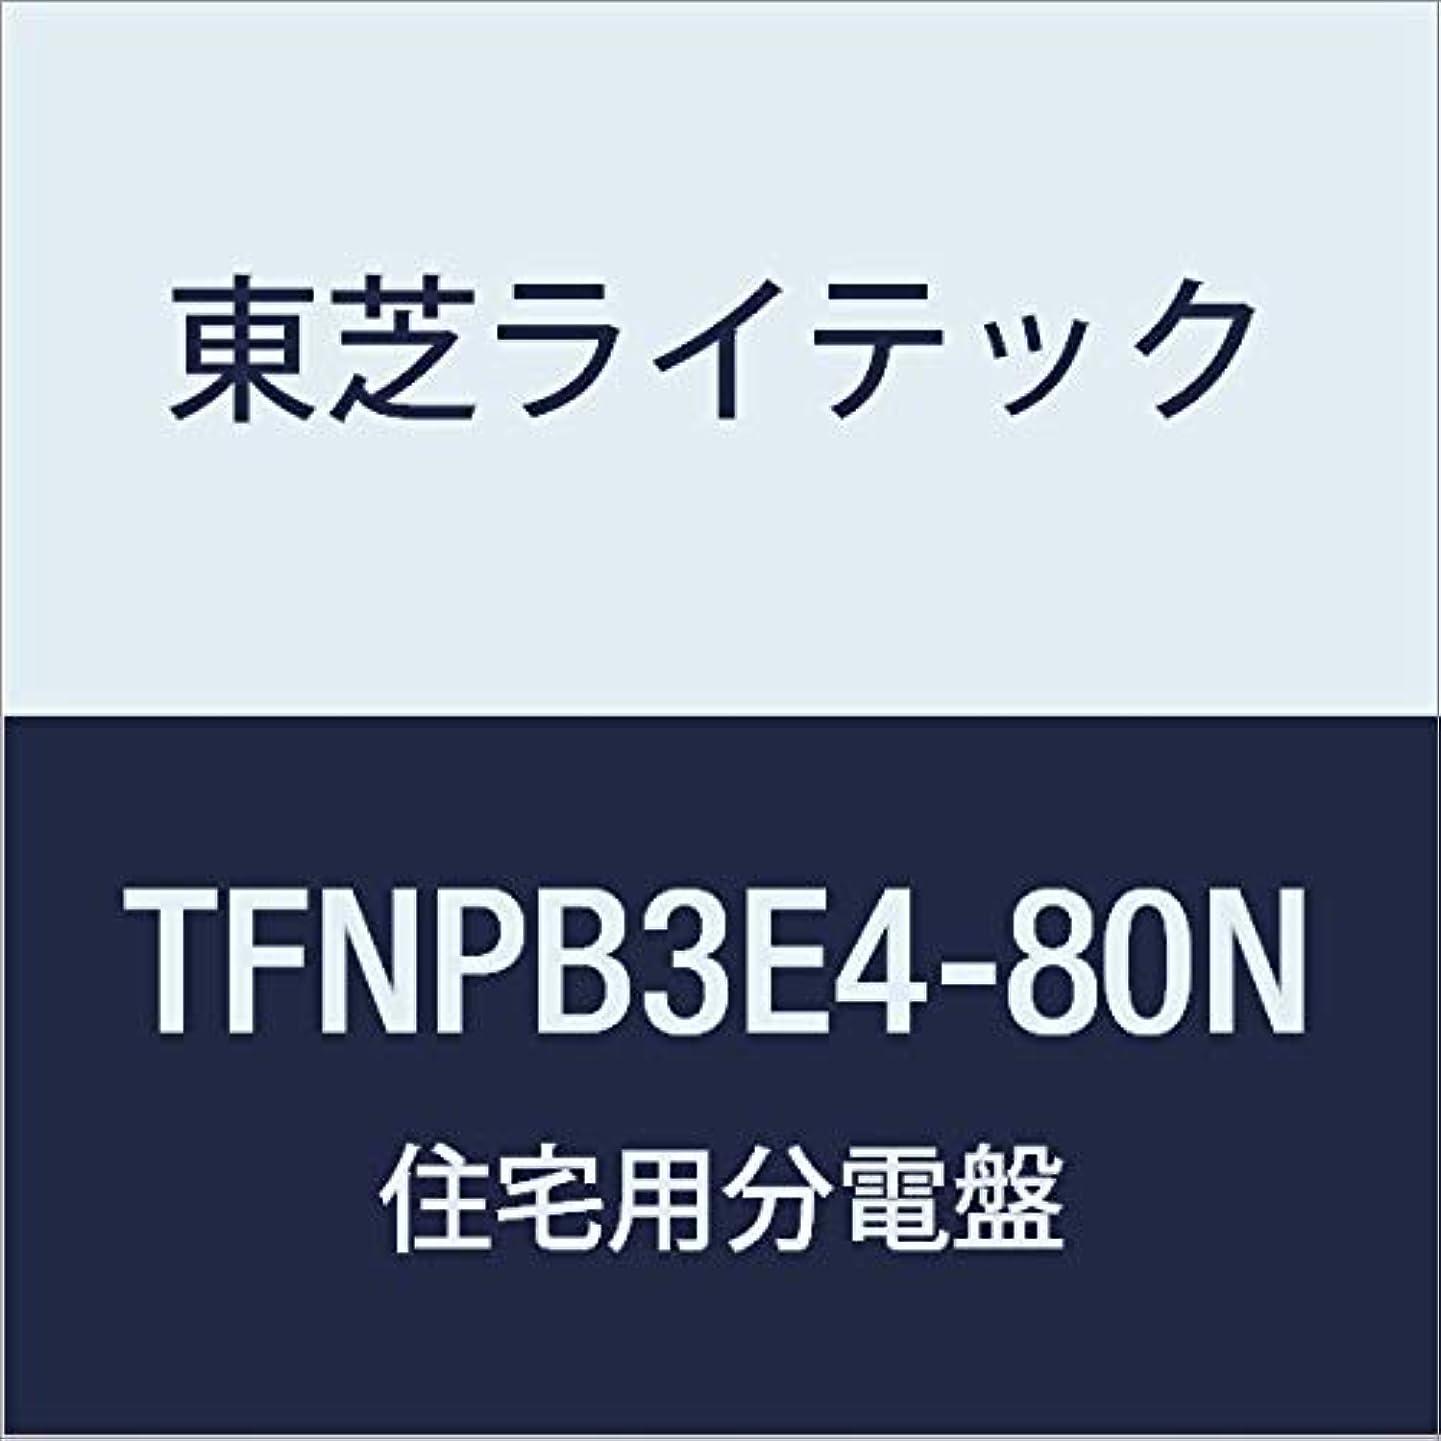 赤面三十ゲート東芝ライテック 小形住宅用分電盤 Nシリーズ 40A 8-0 扉なし 付属機器取付スペース付 基本タイプ TFNPB3E4-80N